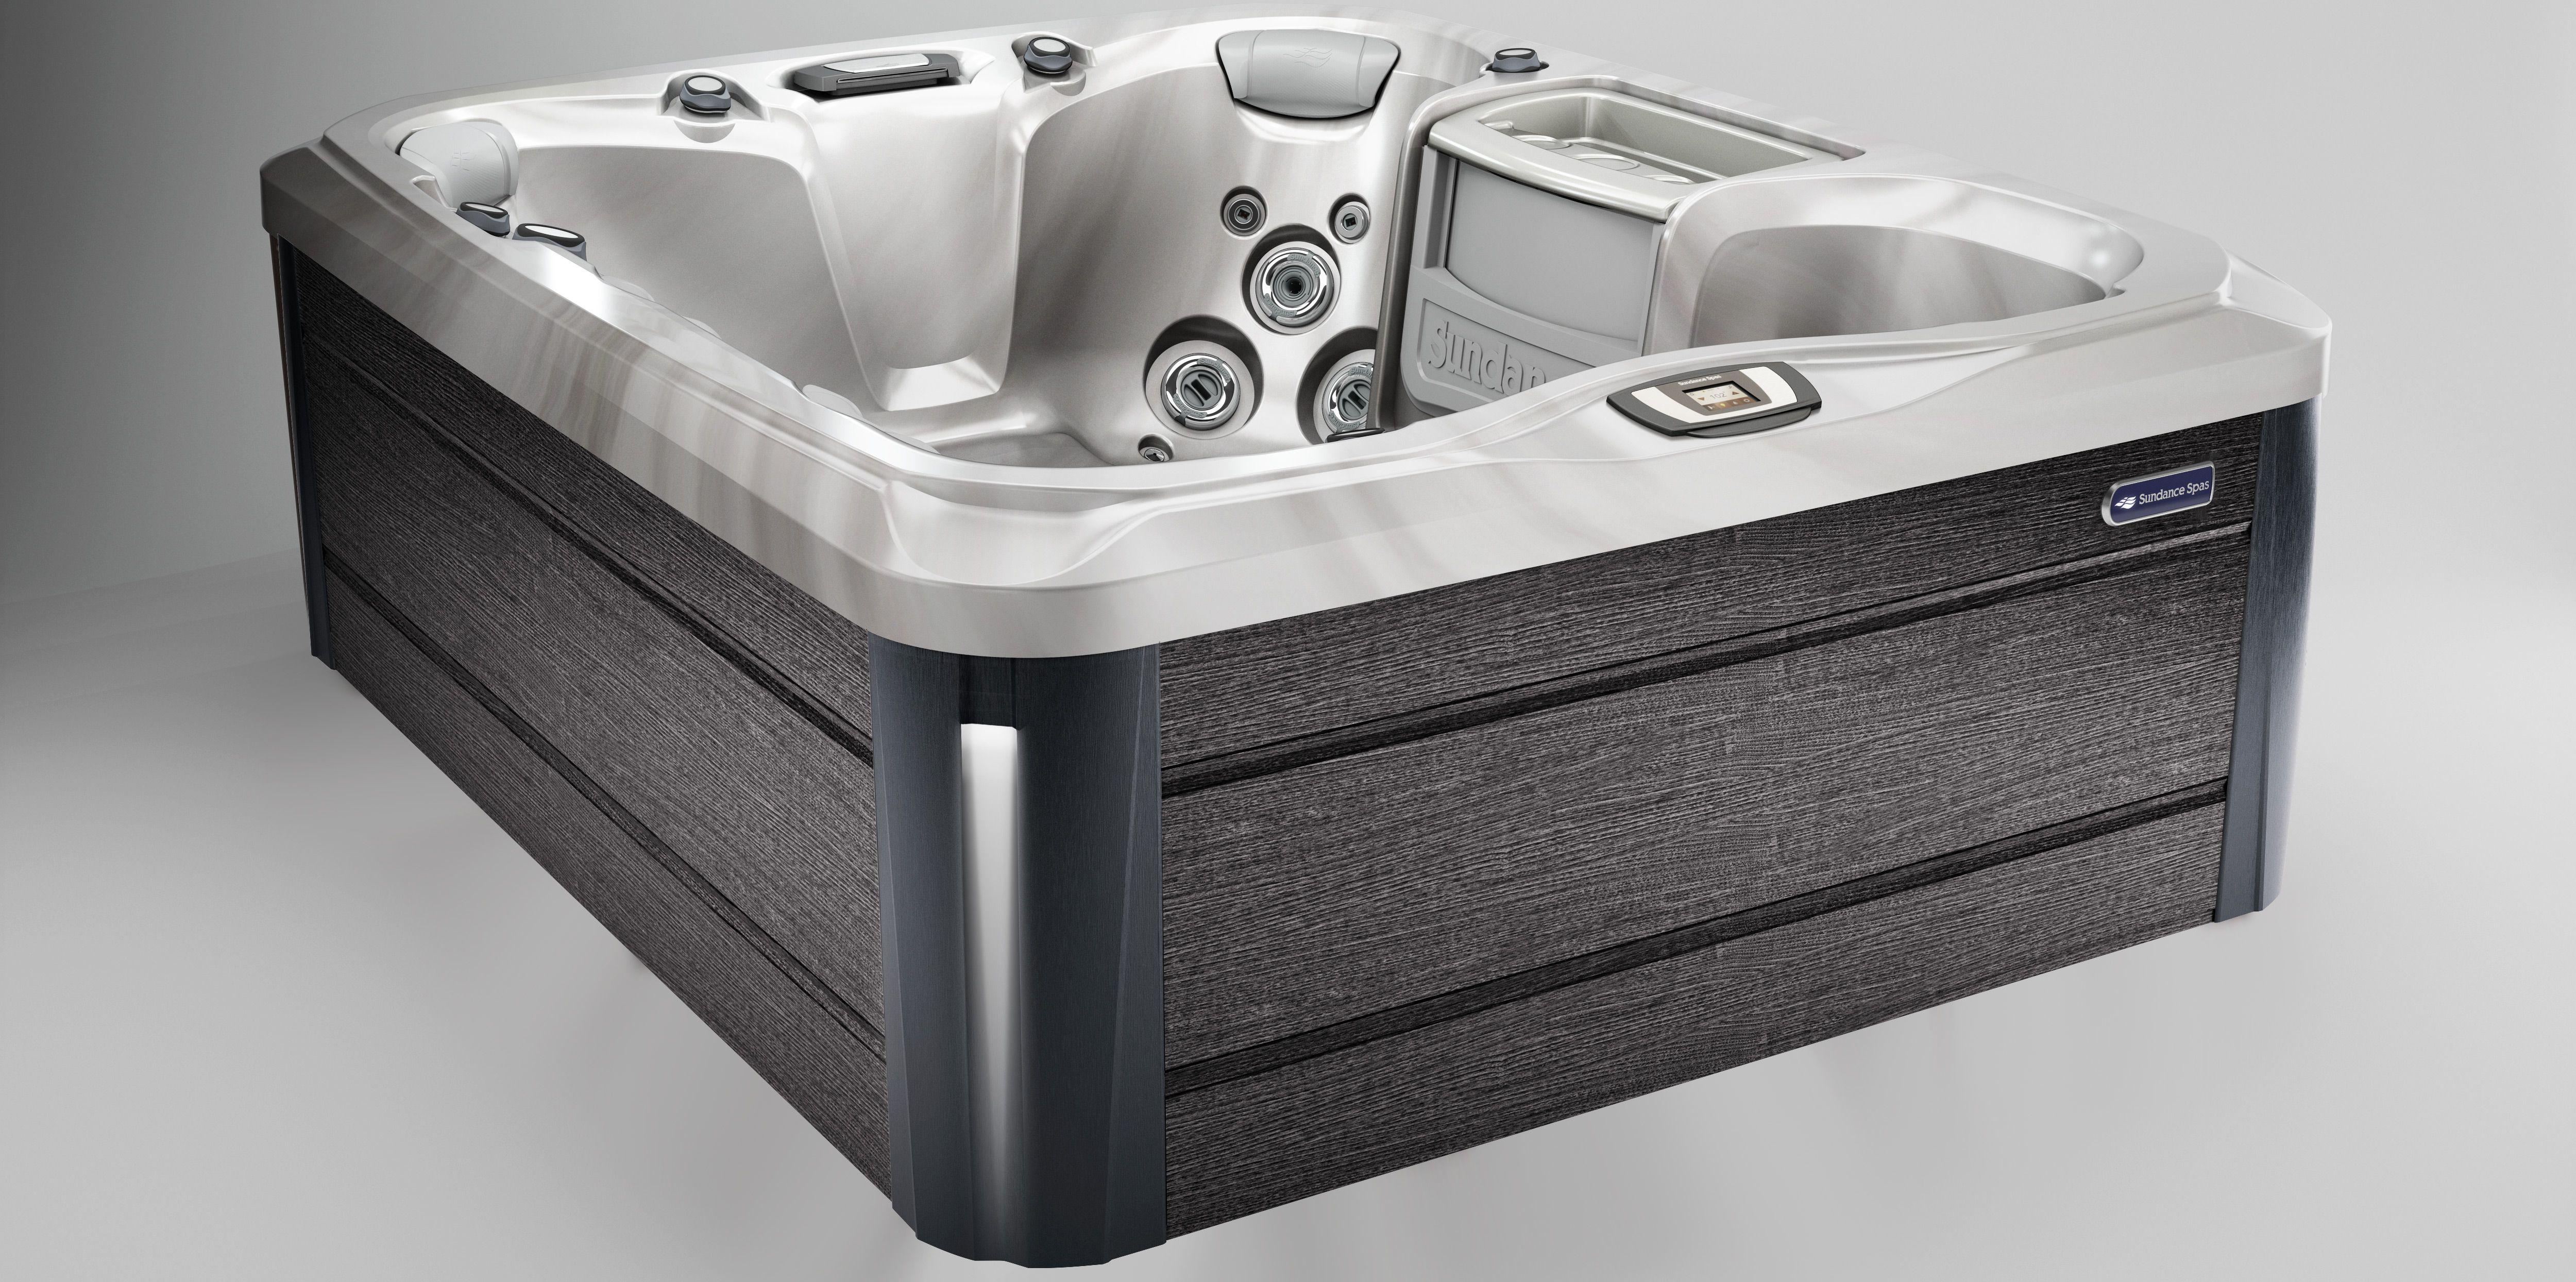 Gewinnen Sie Einen Whirlpool Marin Im Wert Von 22 230 Inkl Stereo System Und Premiumverkleidung Bei Der Messe Bautrend In Der Plu In 2020 Whirlpool Box Einfach